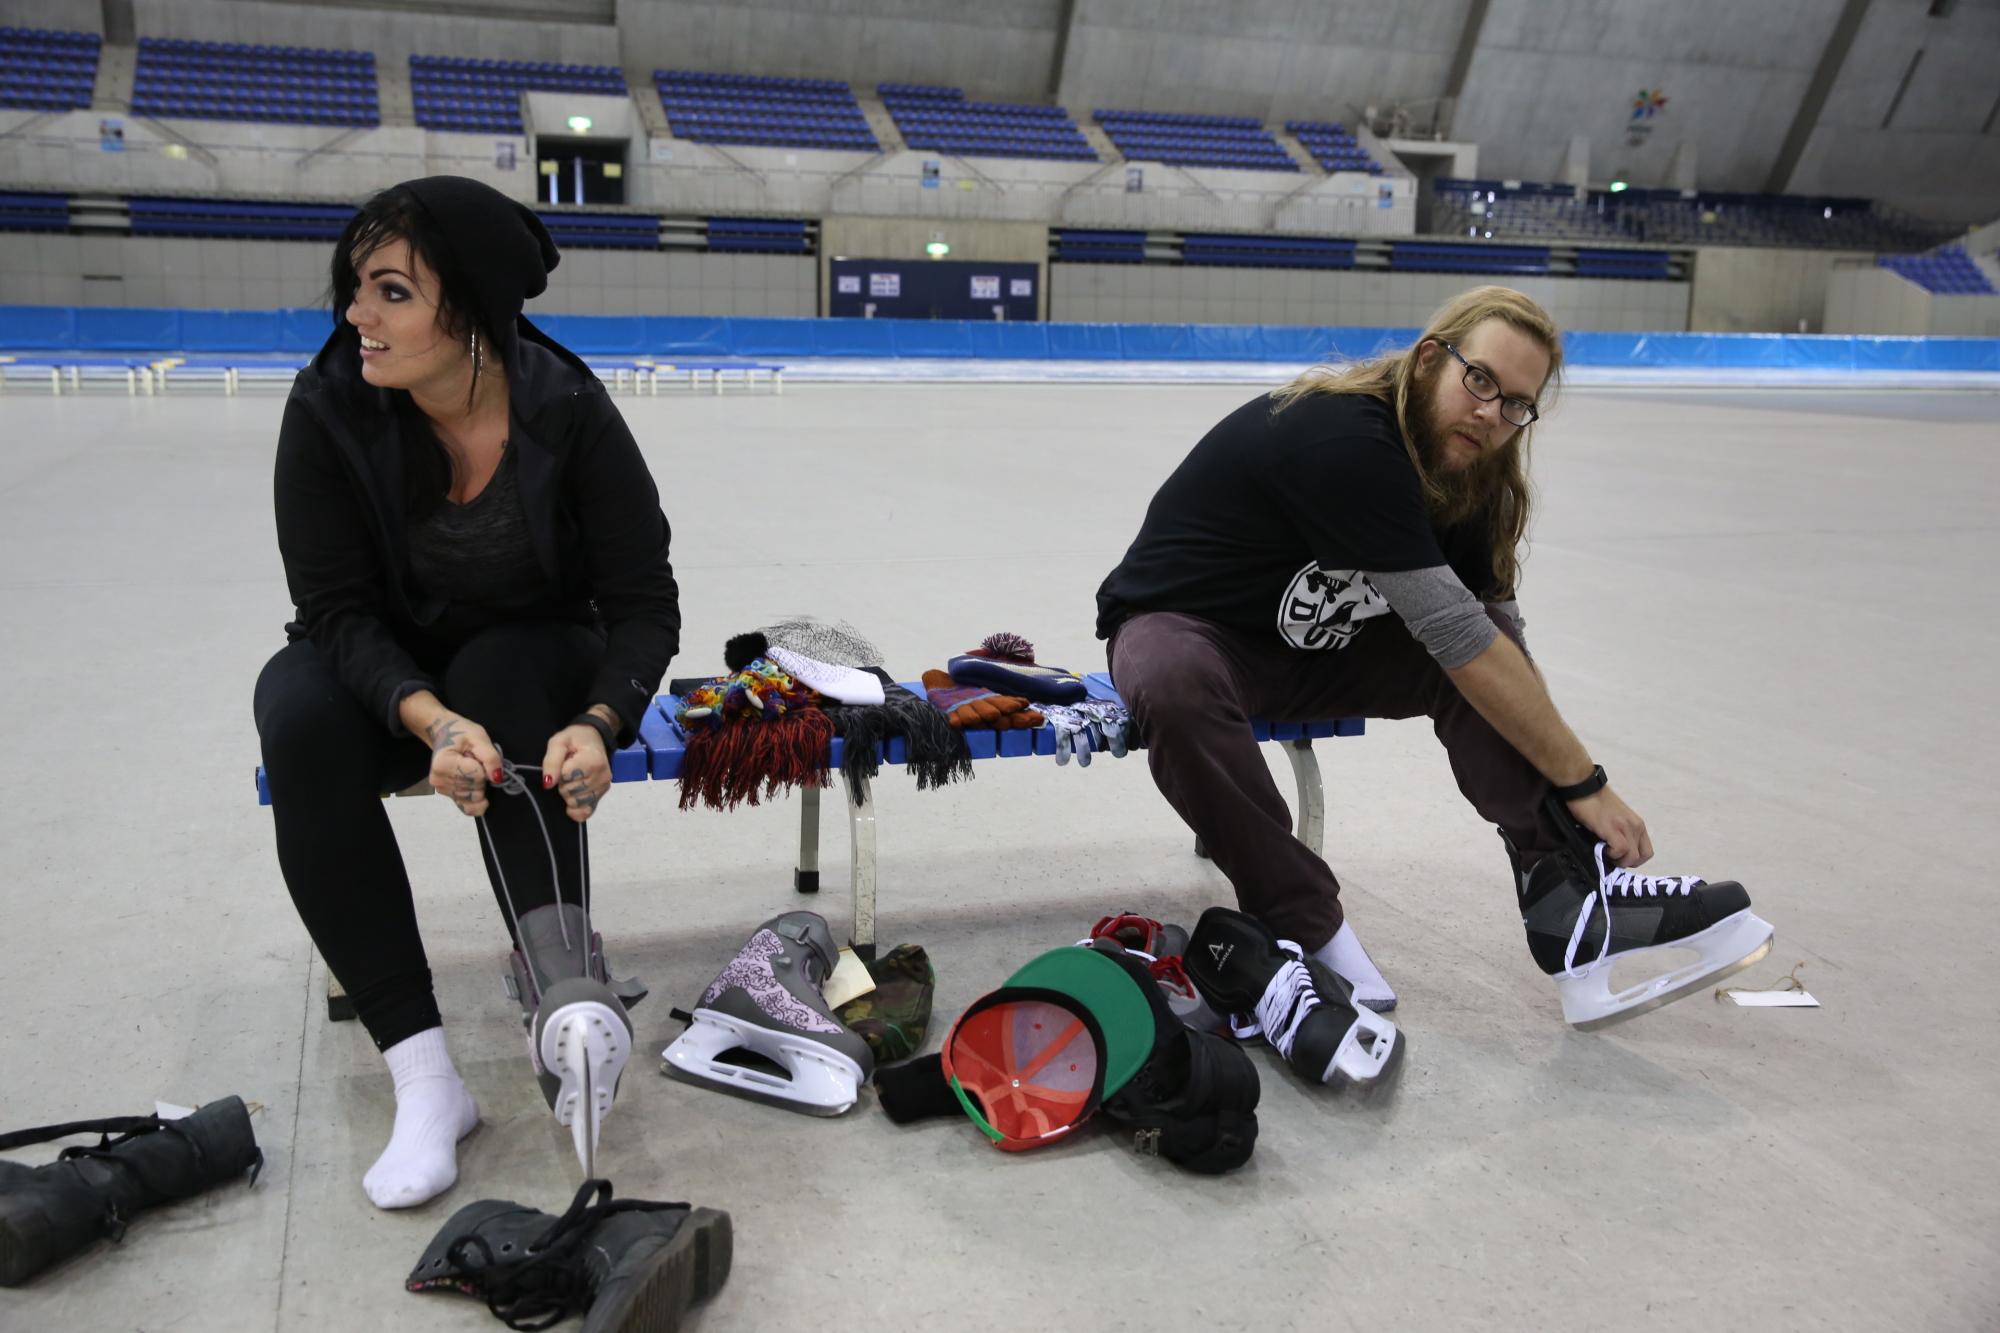 Lacing up their skates